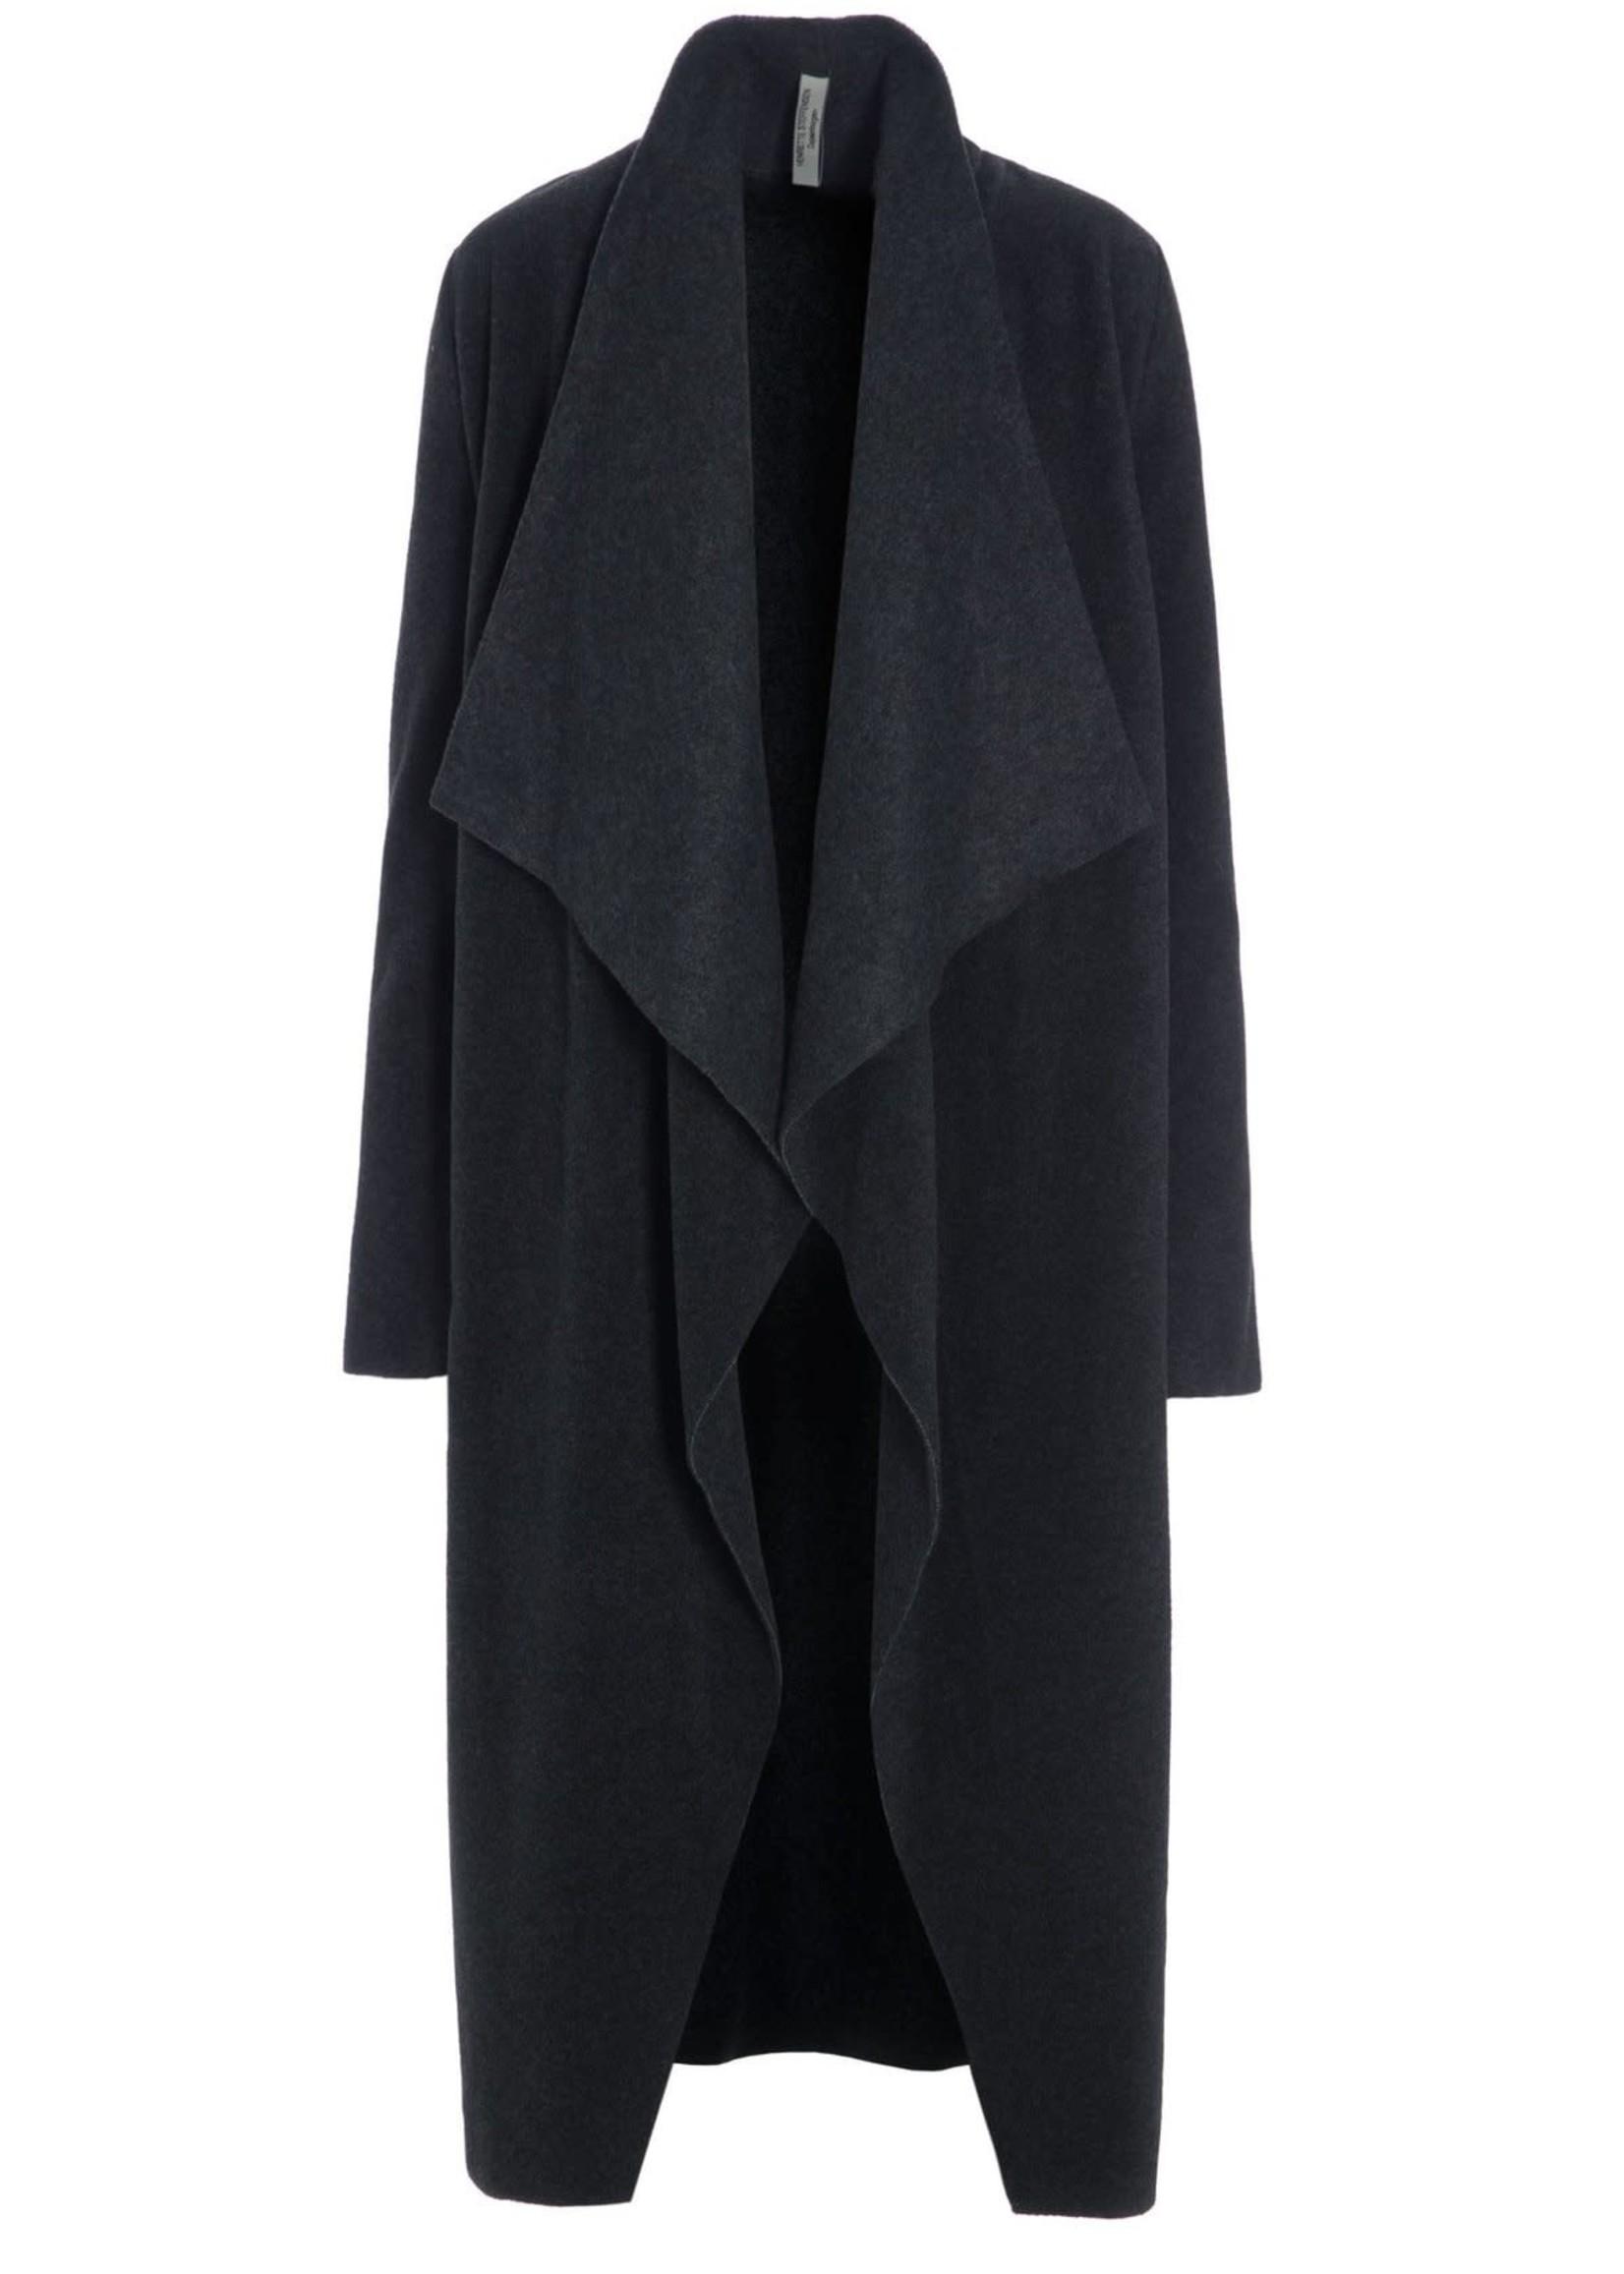 HENRIETTE STEFFENSEN vest Soft black